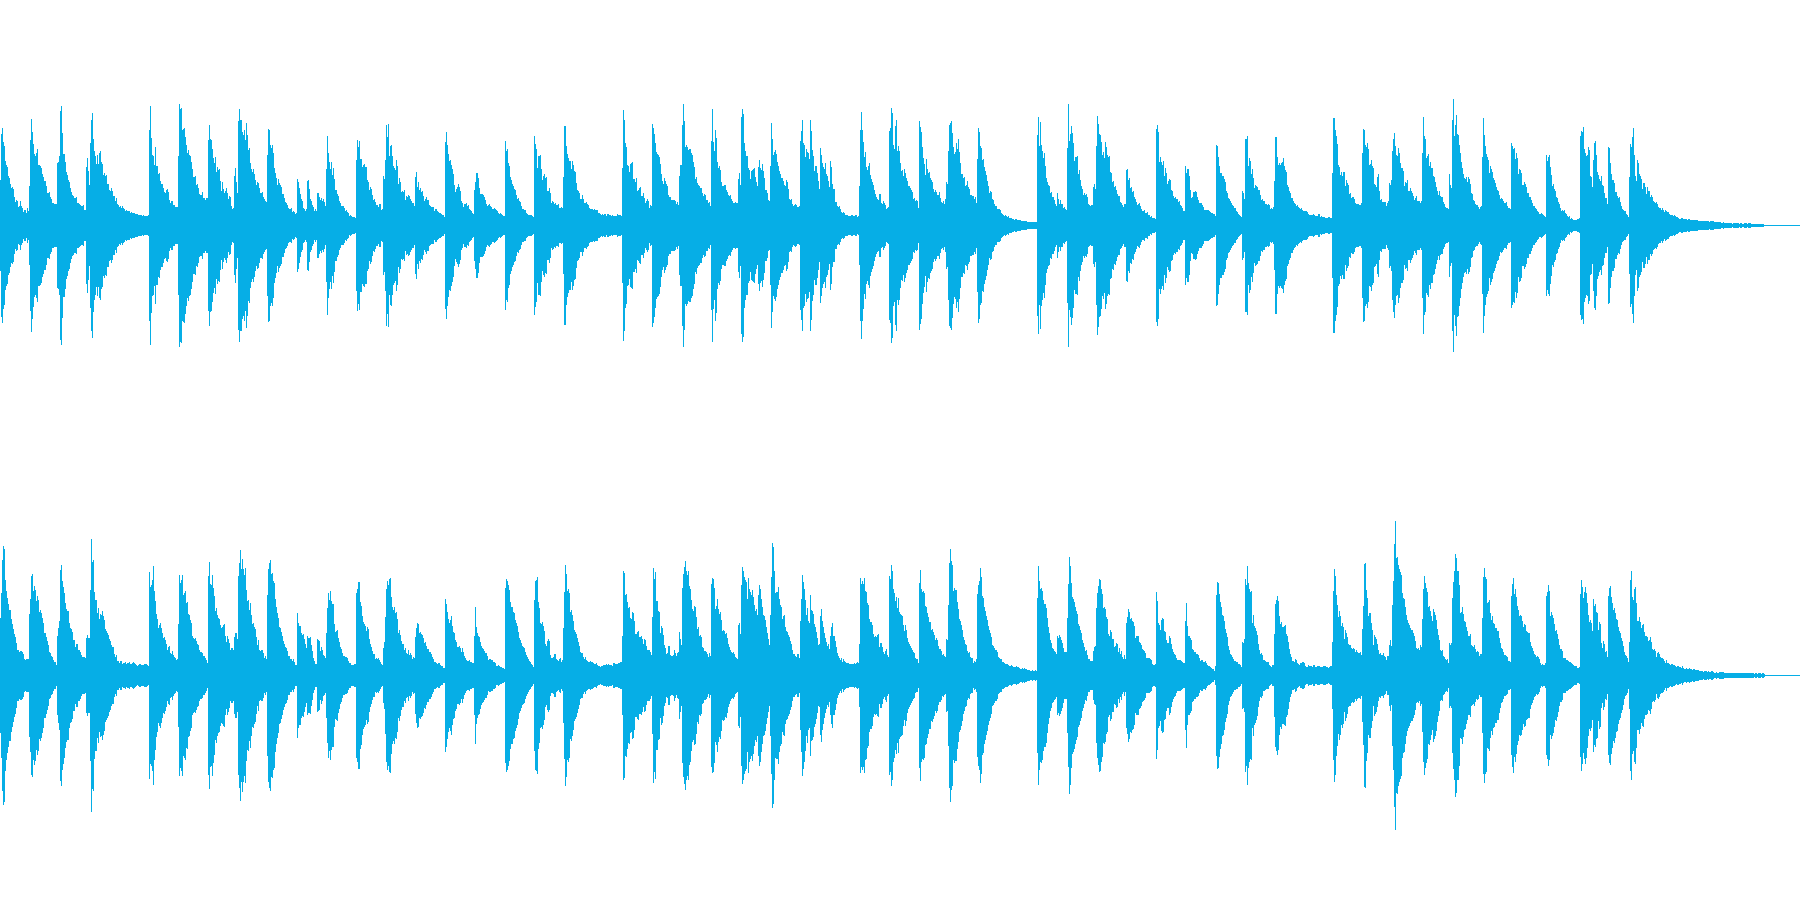 気持ちが通じ合うようなあたたかなピアノ曲の再生済みの波形